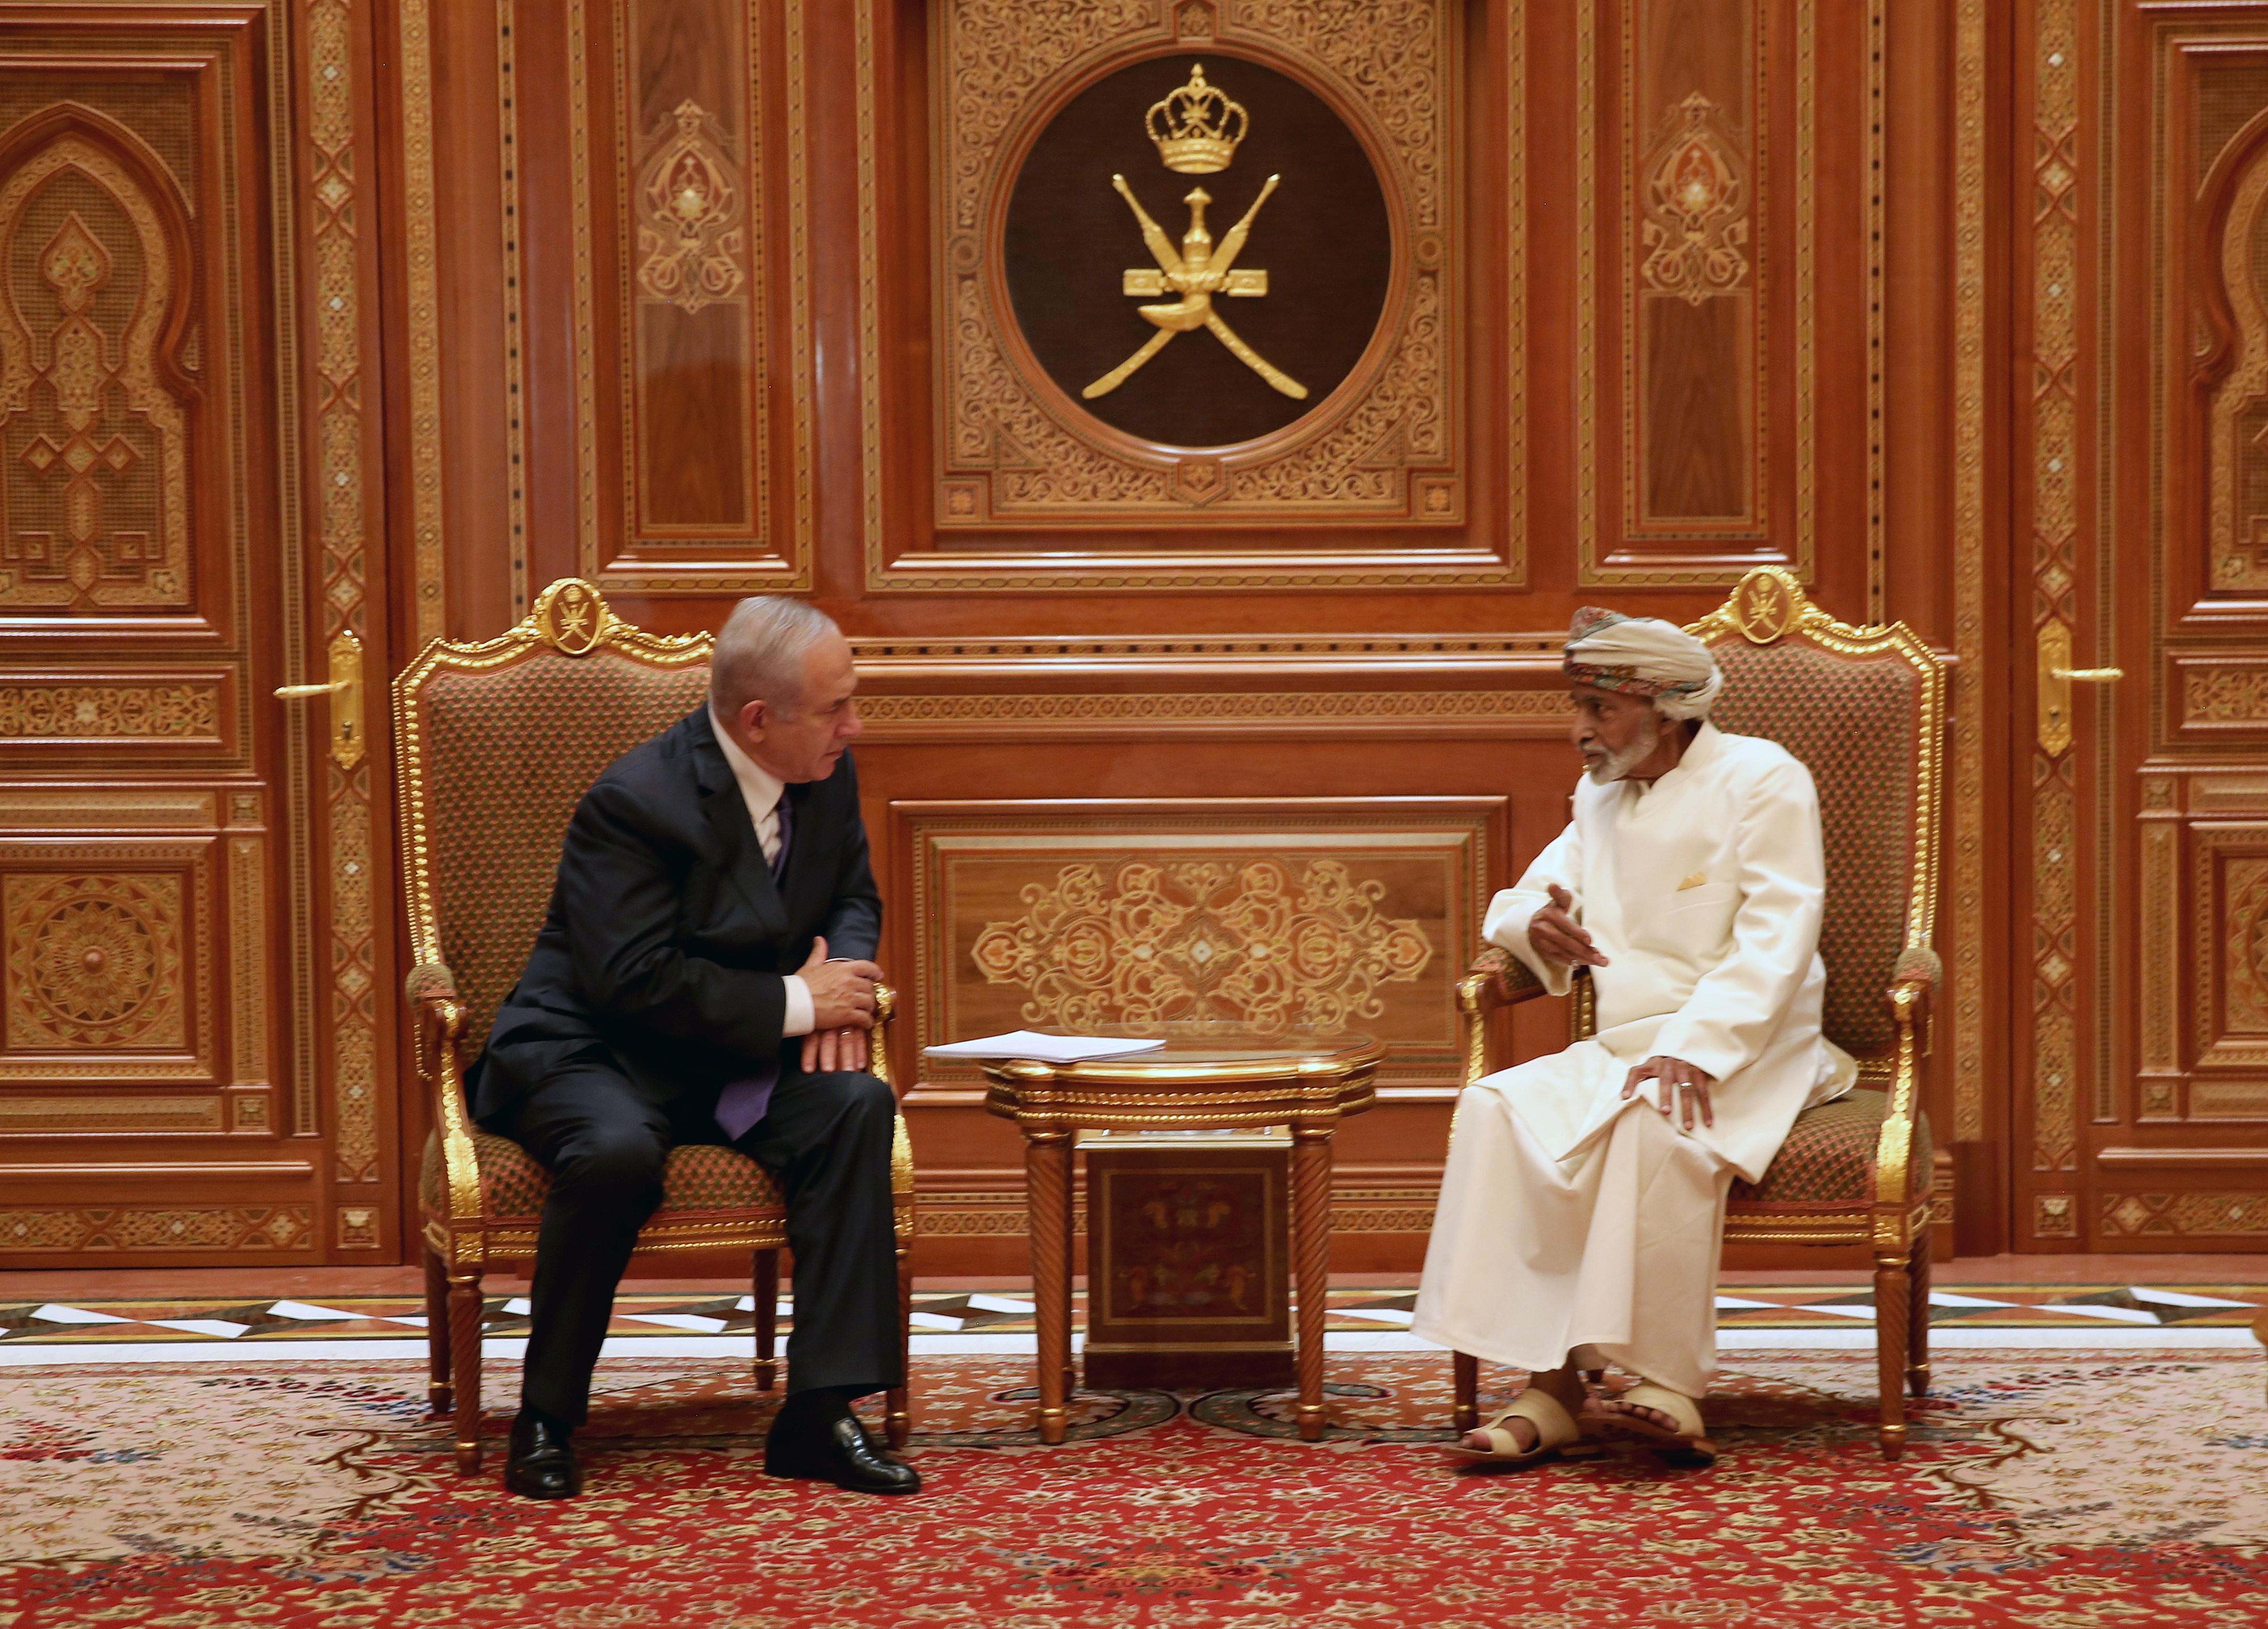 Netanjahu Ománba látogatott, a szultán meghívására